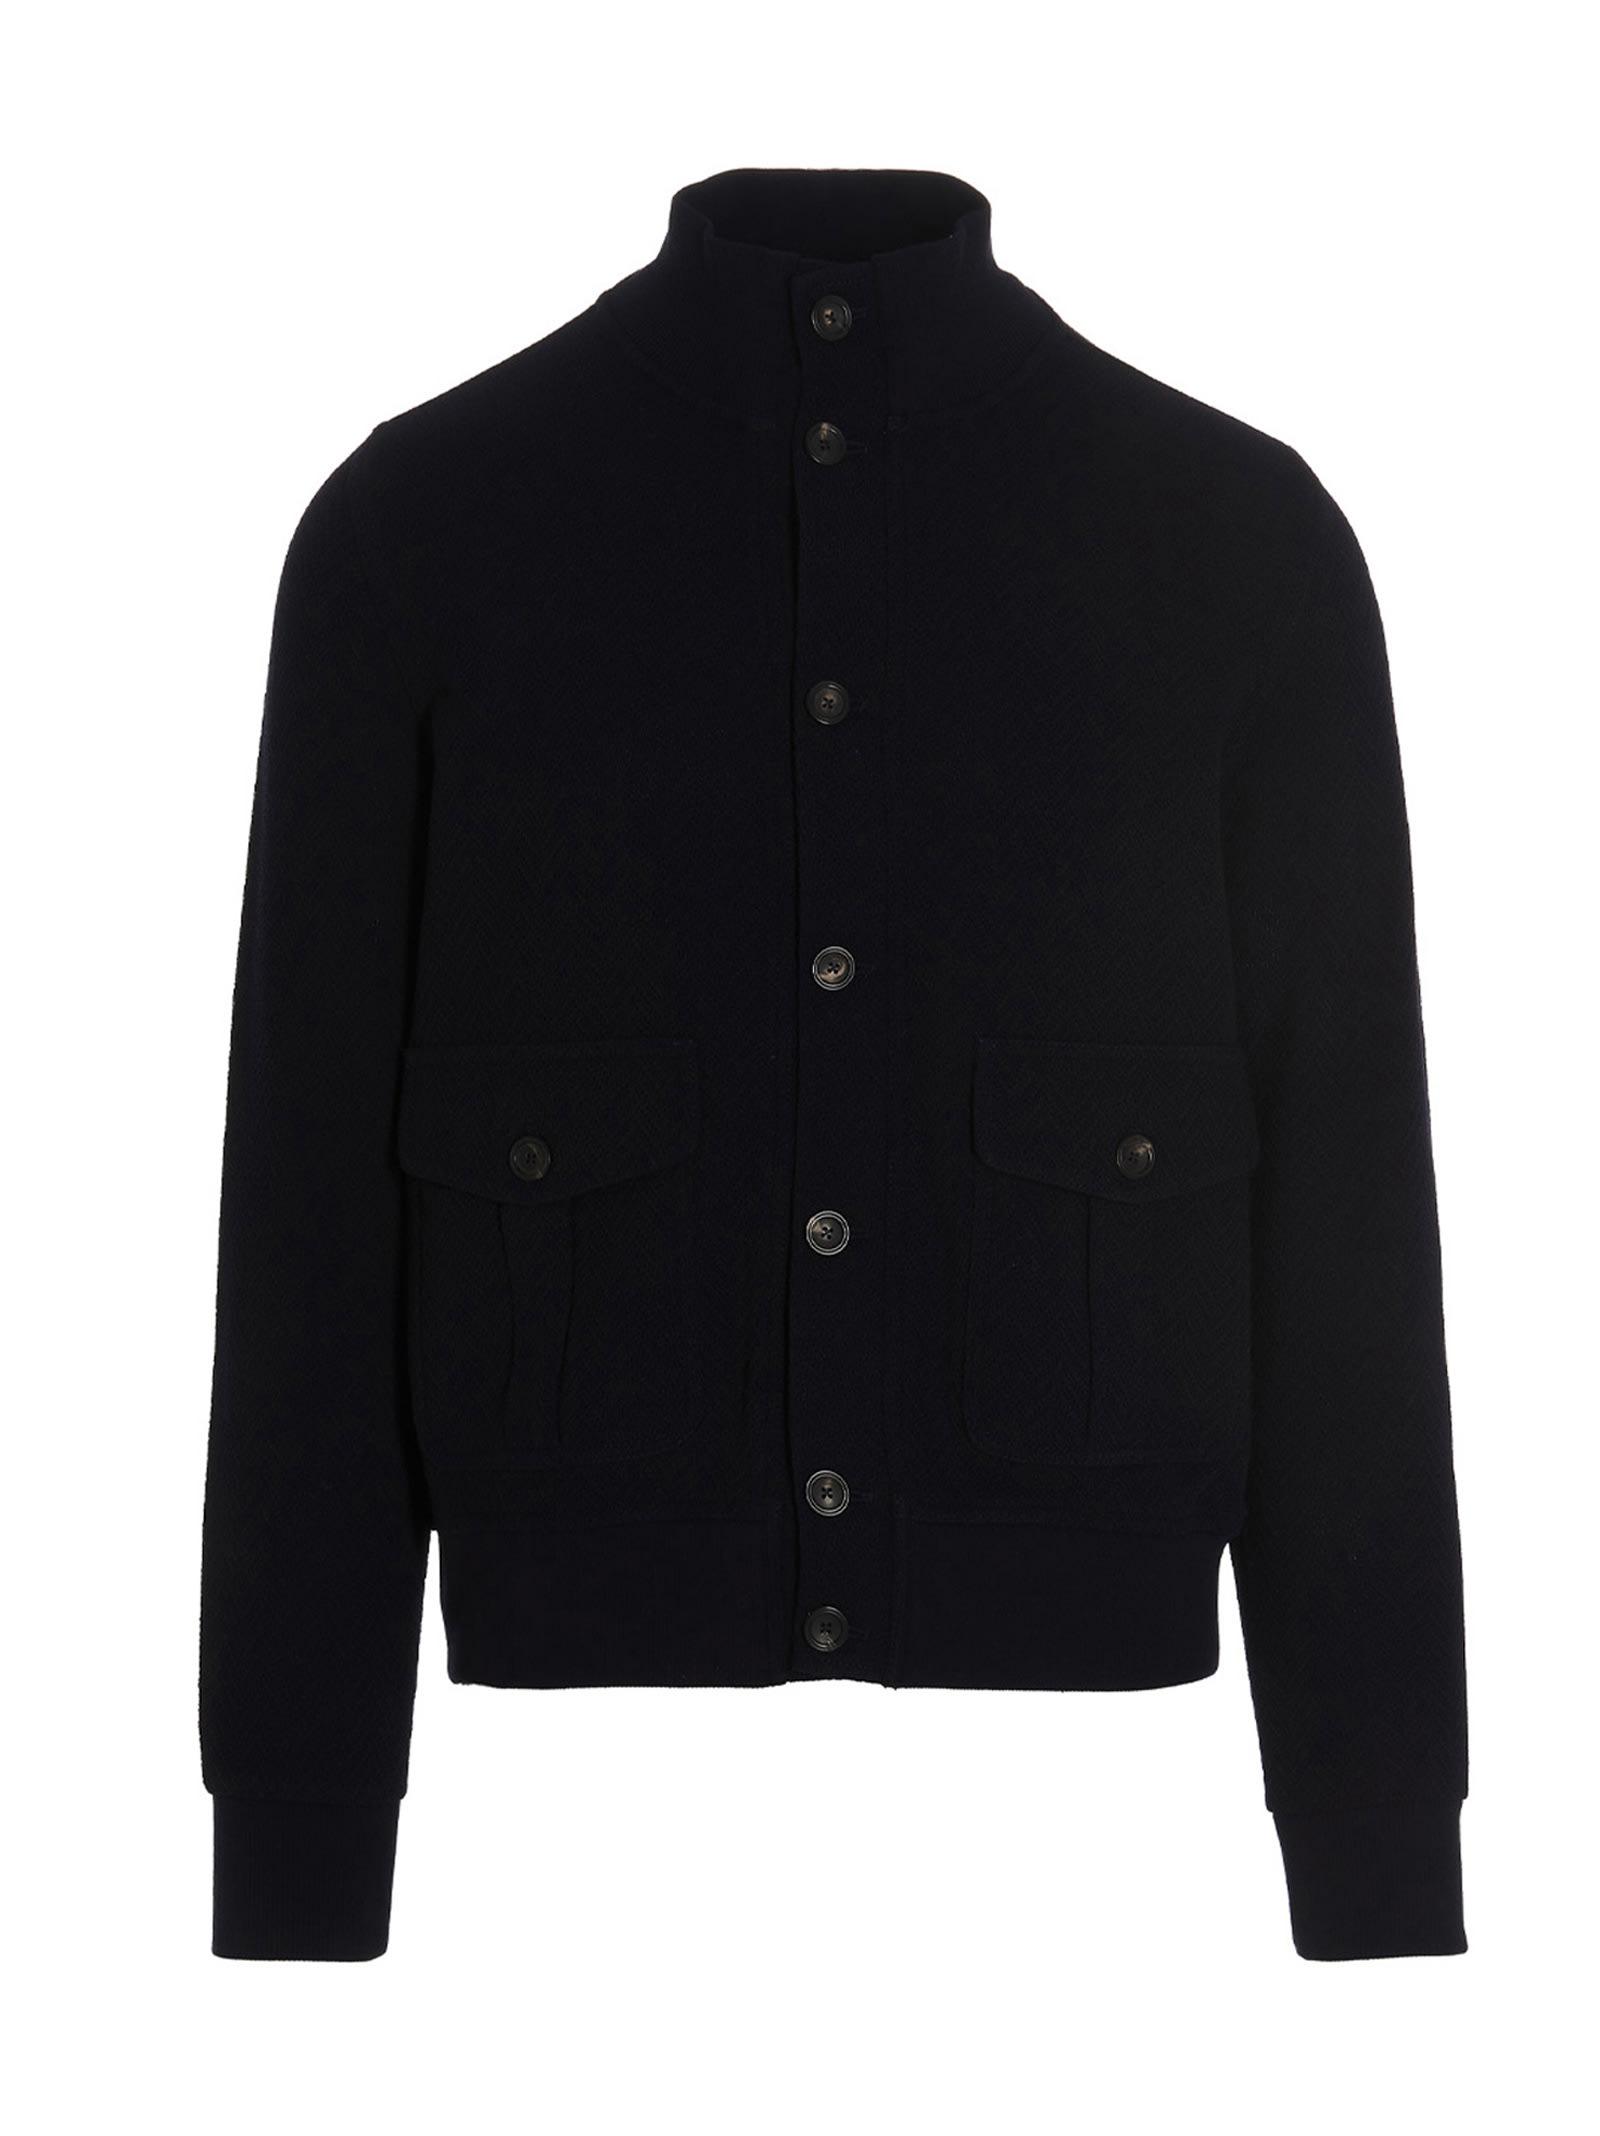 1901 valstar Jacket